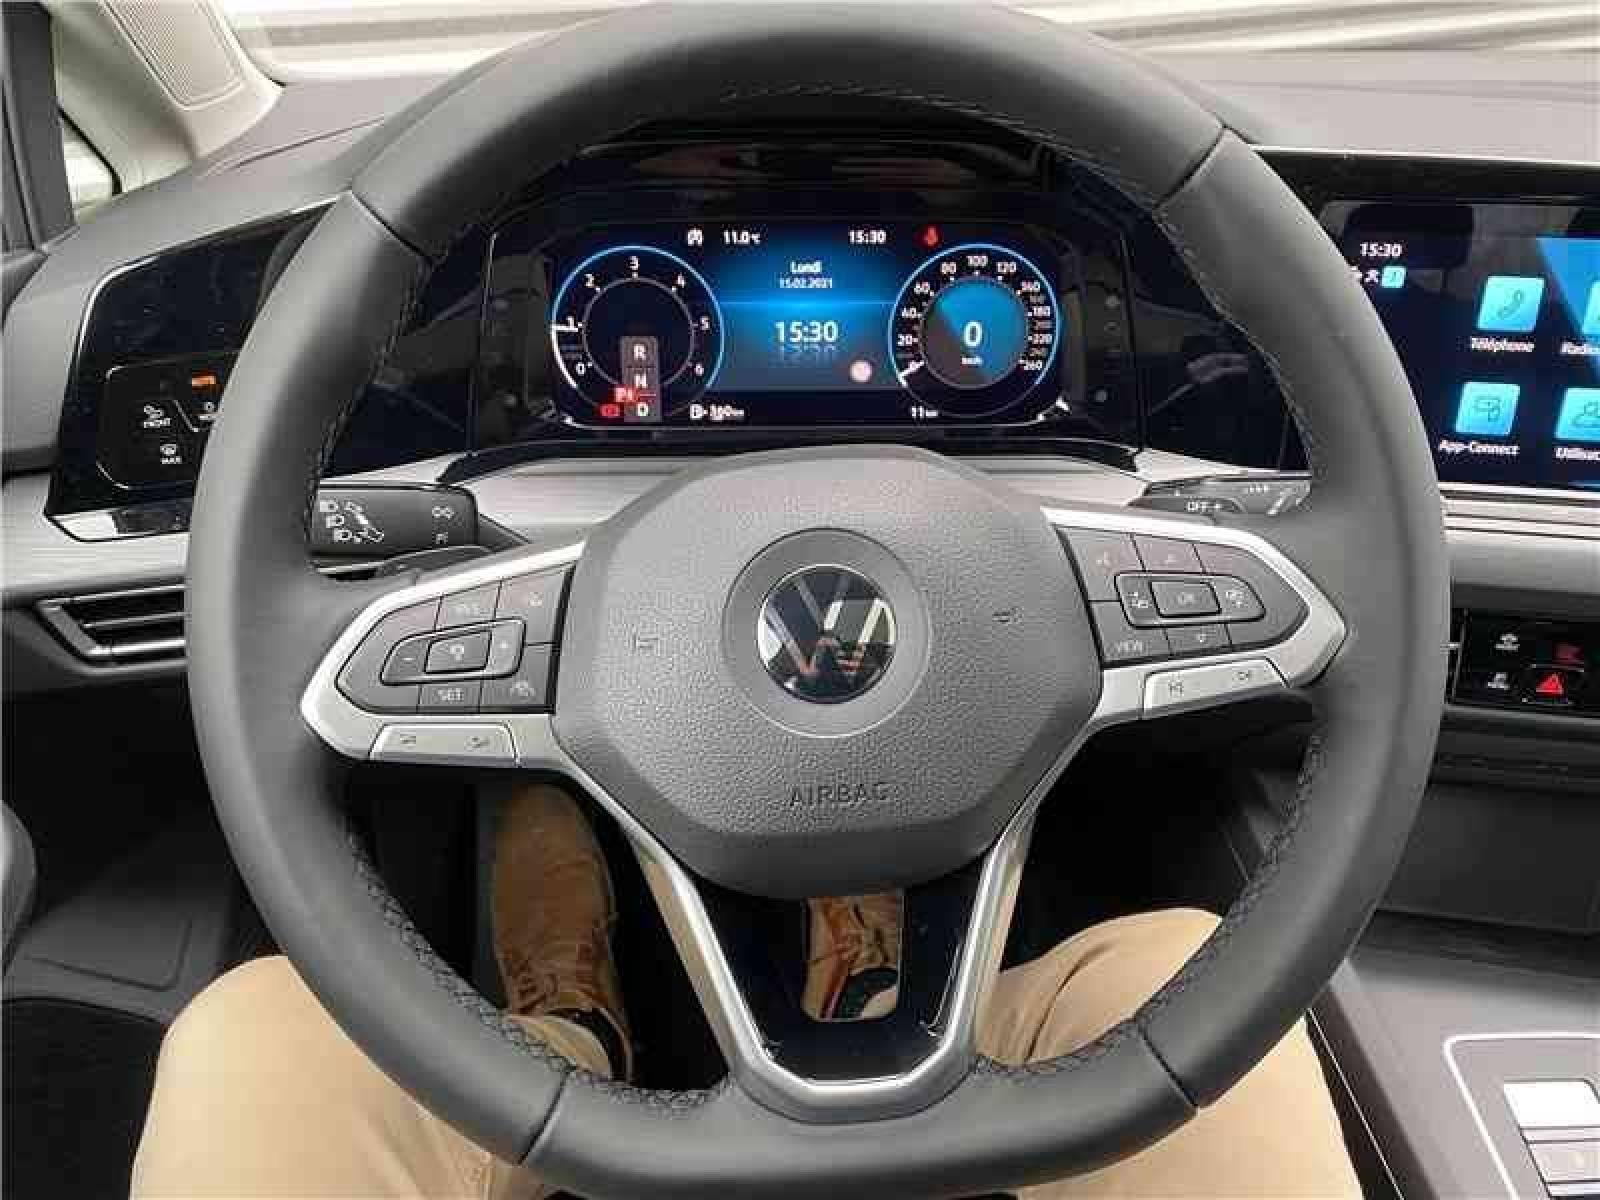 VOLKSWAGEN Golf 2.0 TDI SCR 150 DSG7 - véhicule d'occasion - LEMAUVIEL AUTOMOBILES - Présentation site web V2 - Lemauviel Automobiles - VIRE - 14500 - VIRE - 10